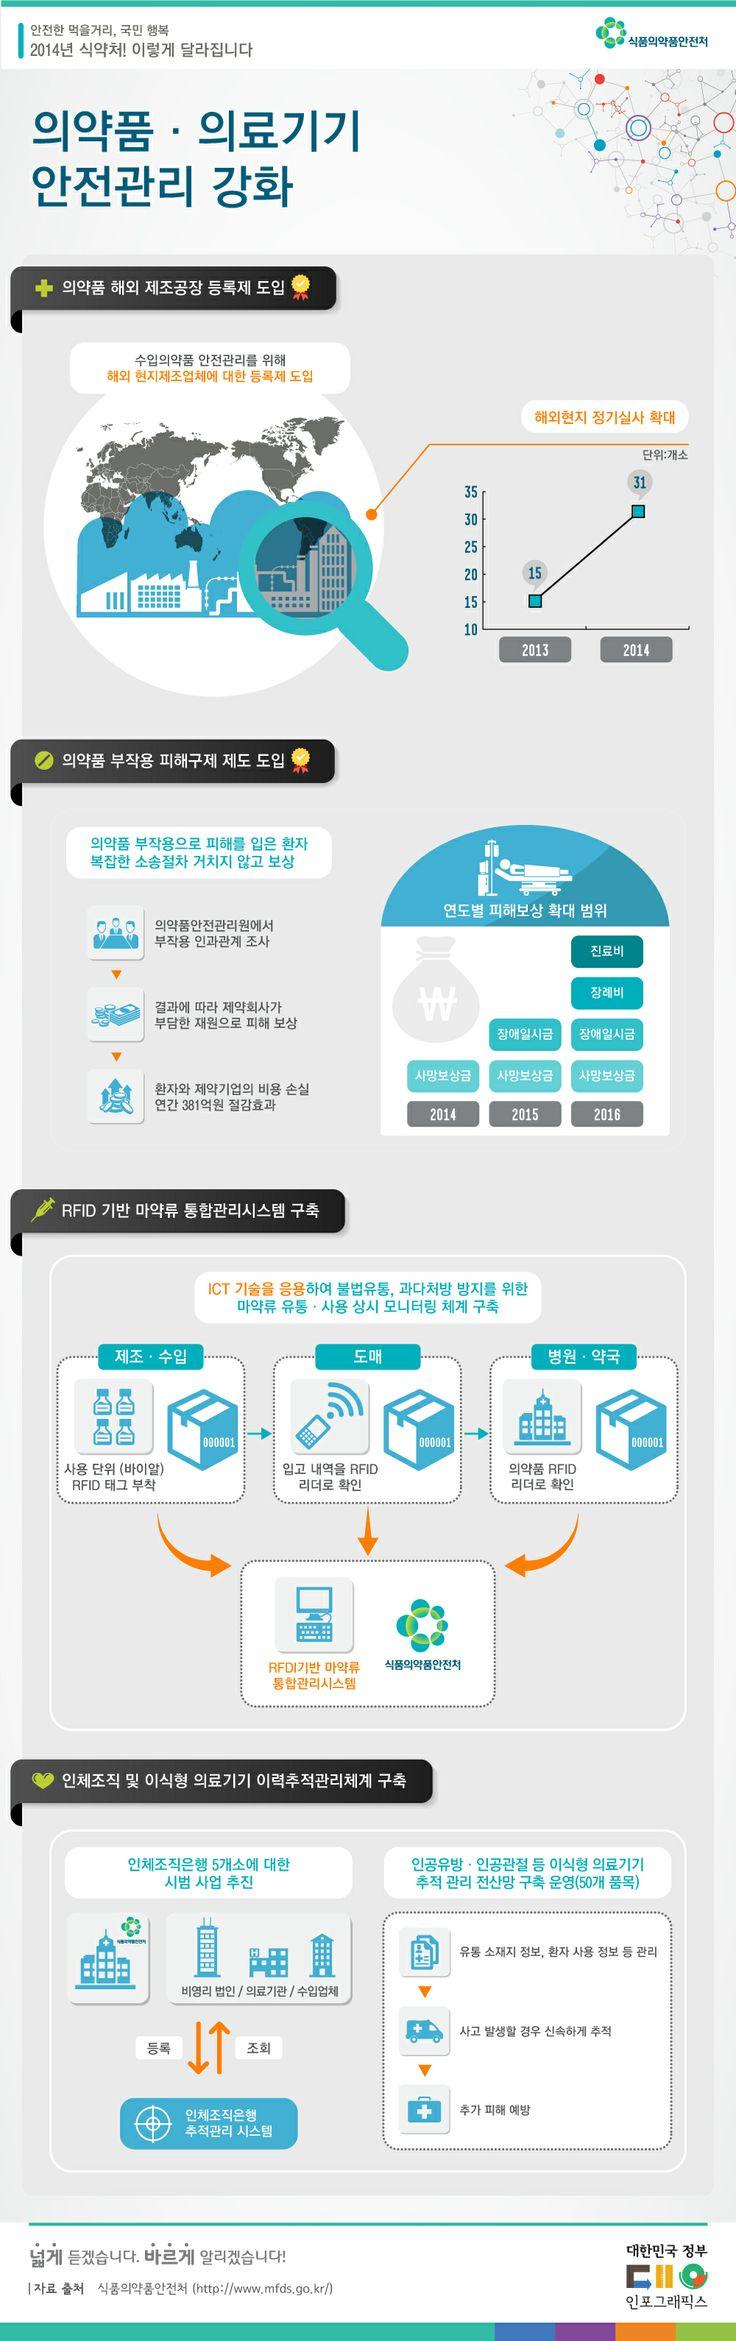 의약품 의료기기 안전관리 강화